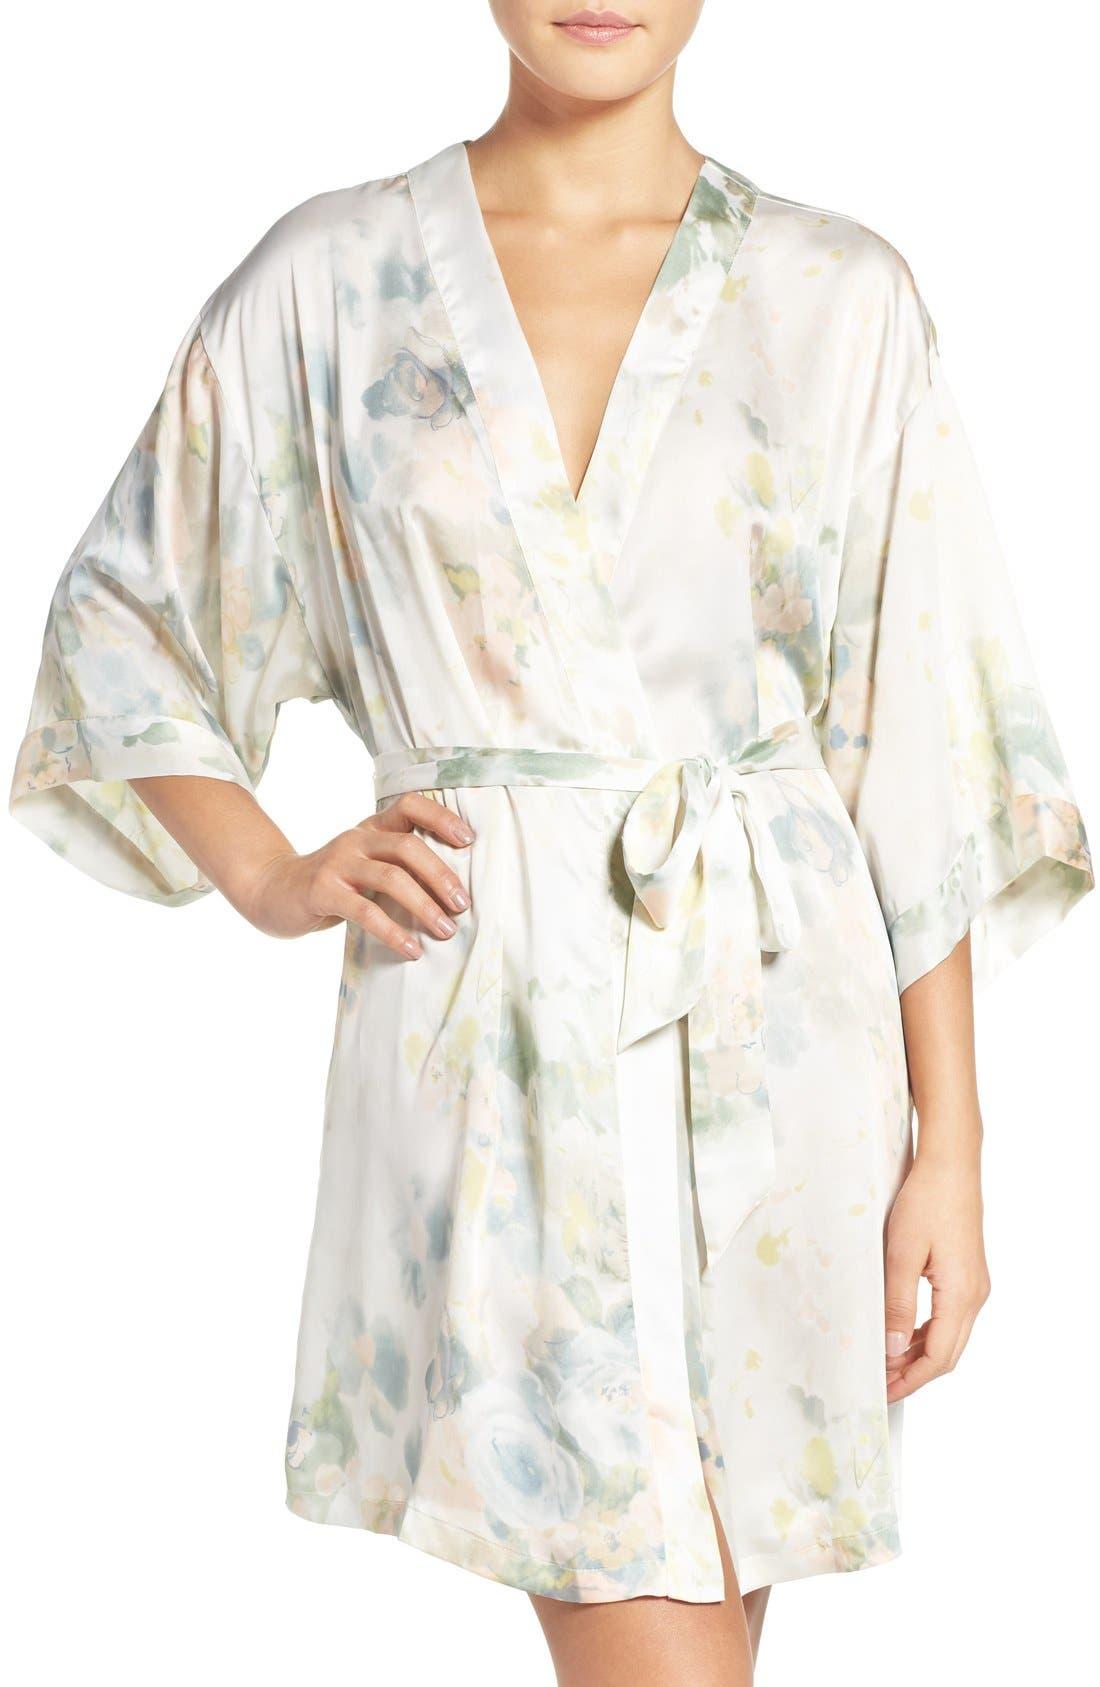 Isabella Floral Print Kimono Robe,                             Main thumbnail 1, color,                             Ivory Sage